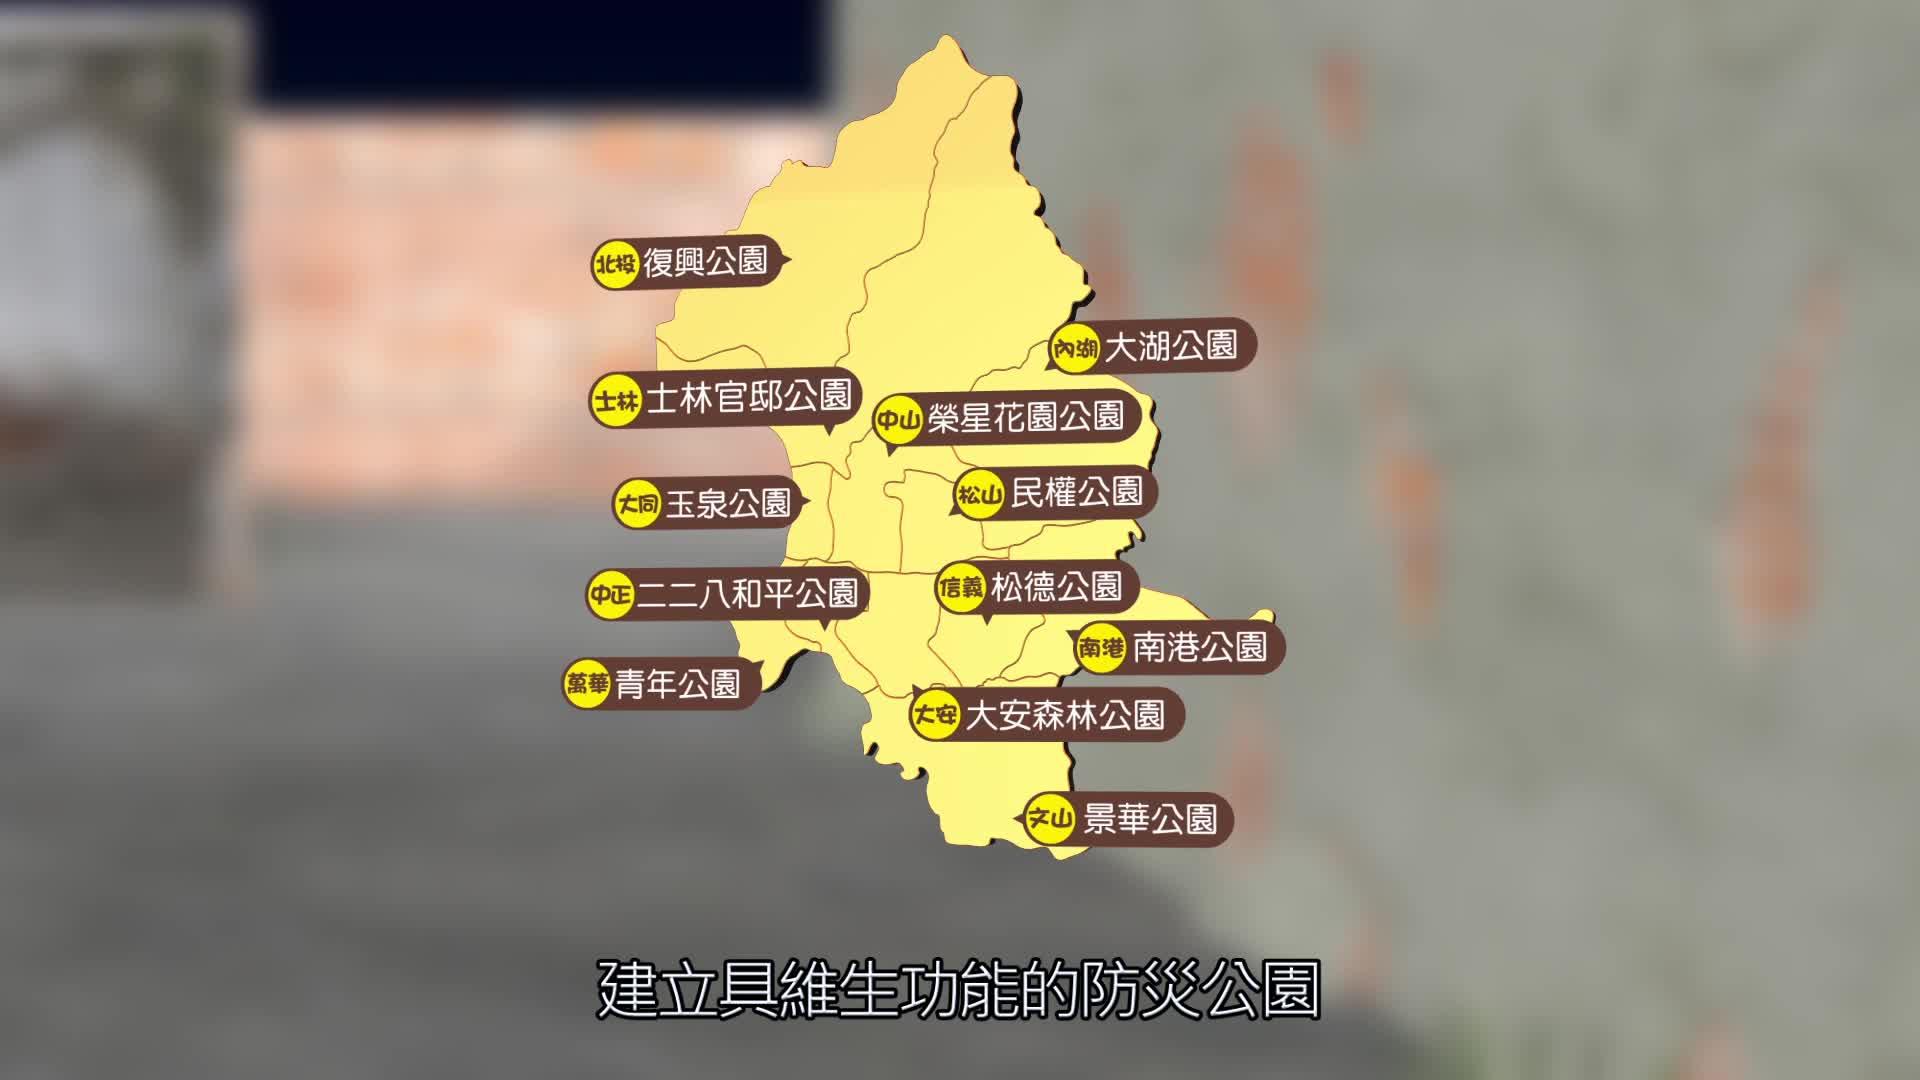 臺北防災立即go-日常地震避難篇30秒(國語)